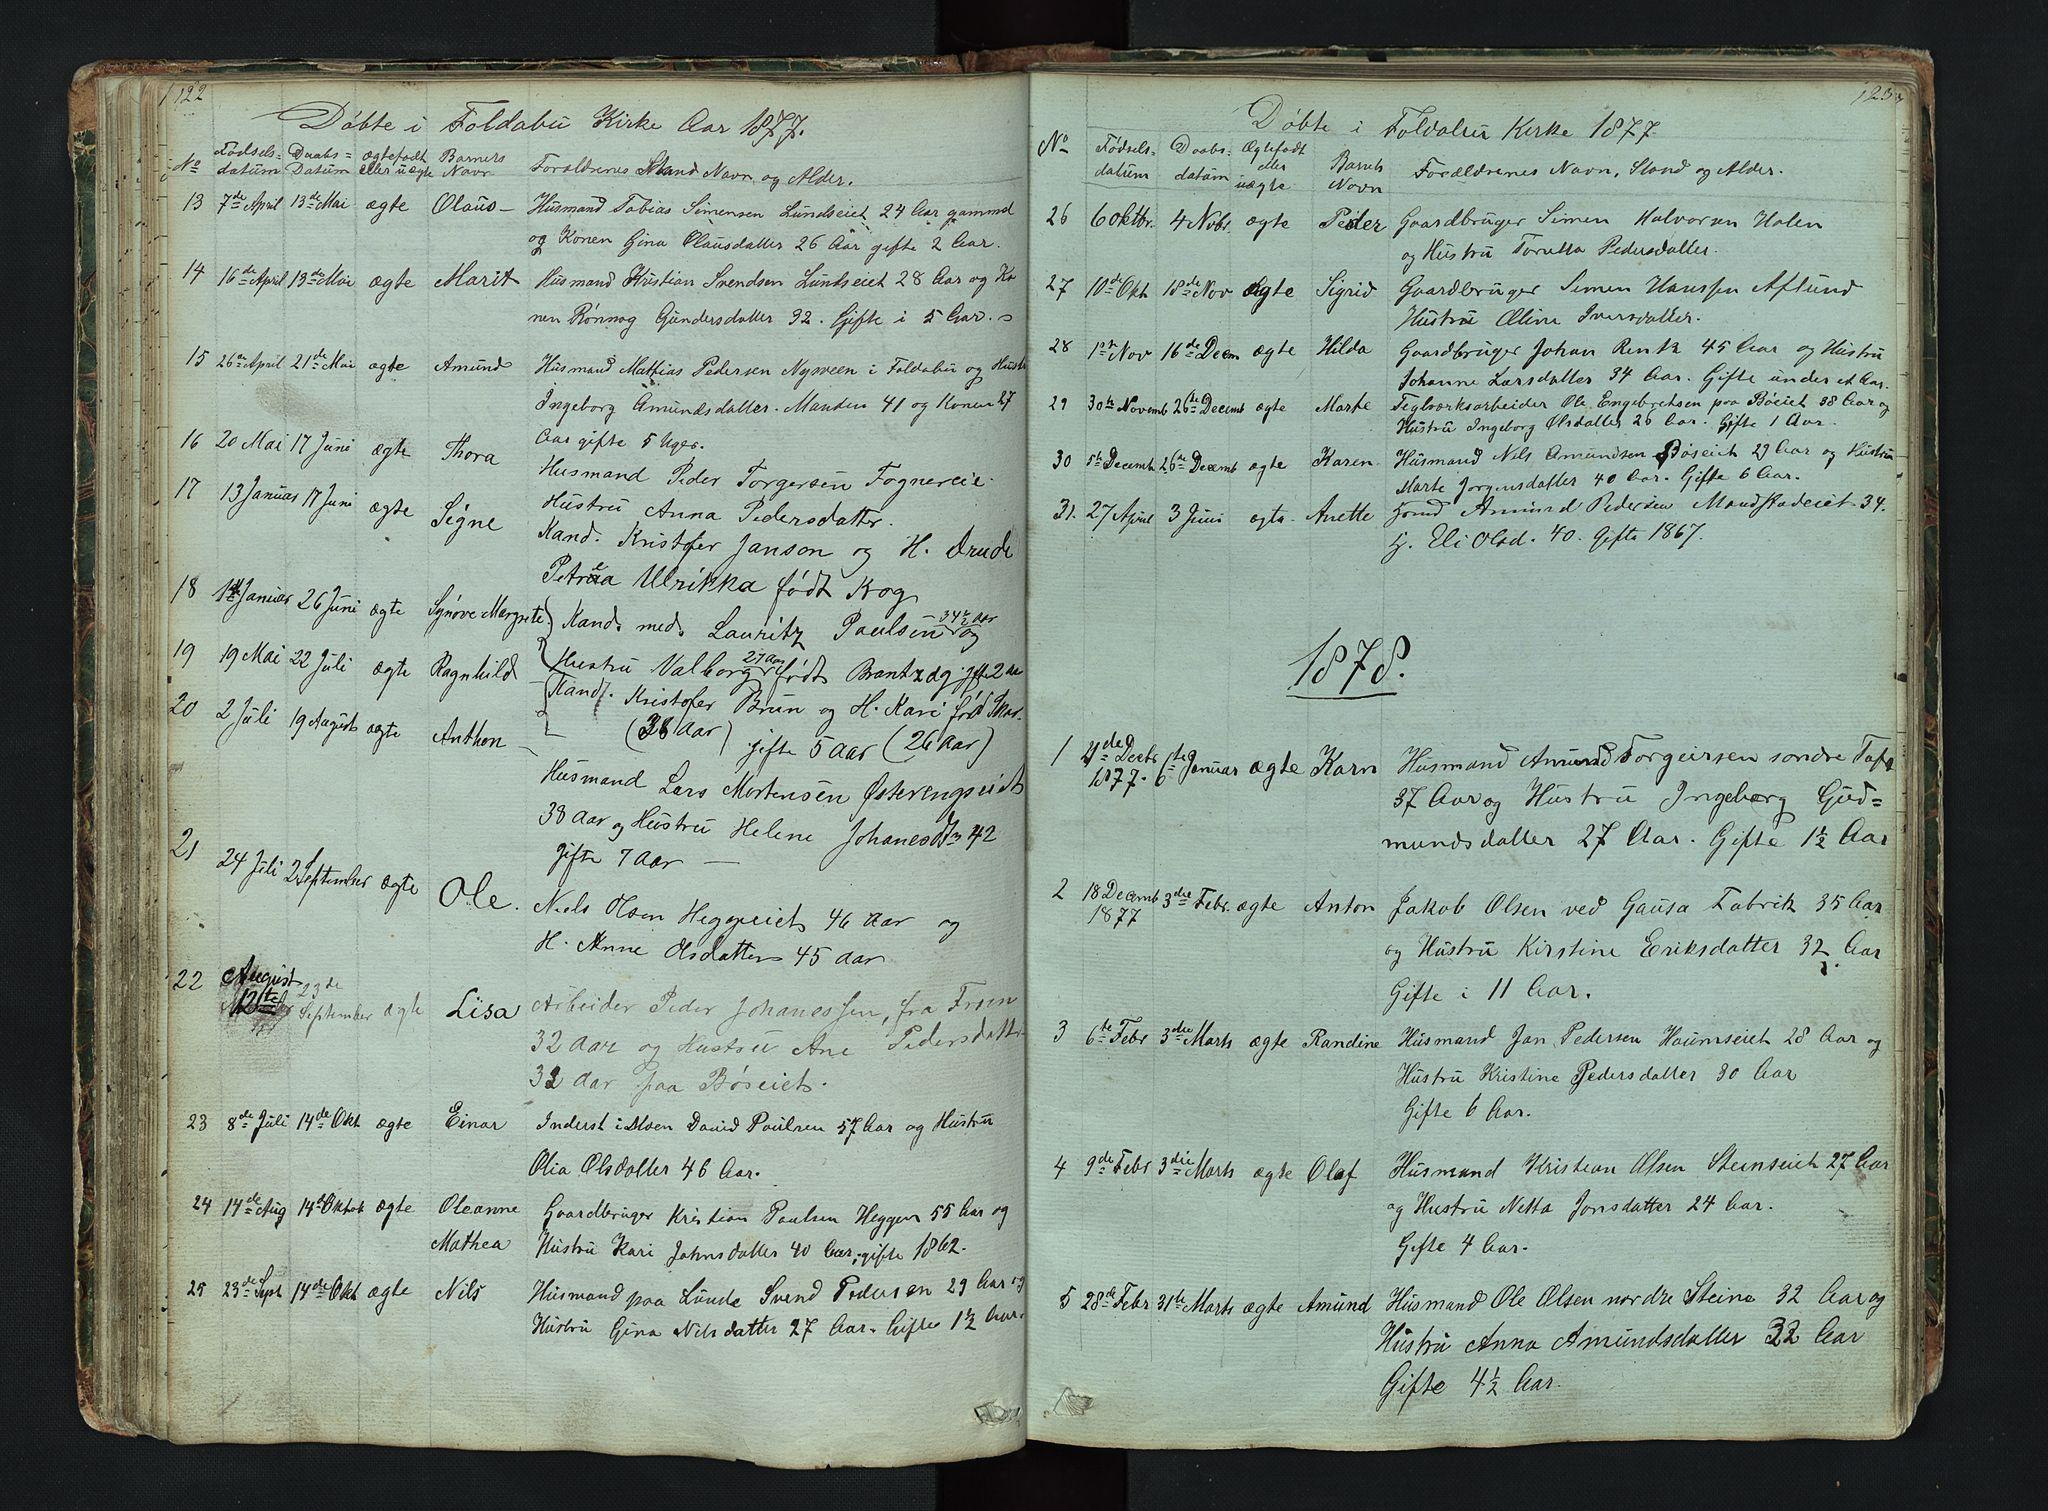 SAH, Gausdal prestekontor, Klokkerbok nr. 6, 1846-1893, s. 122-123